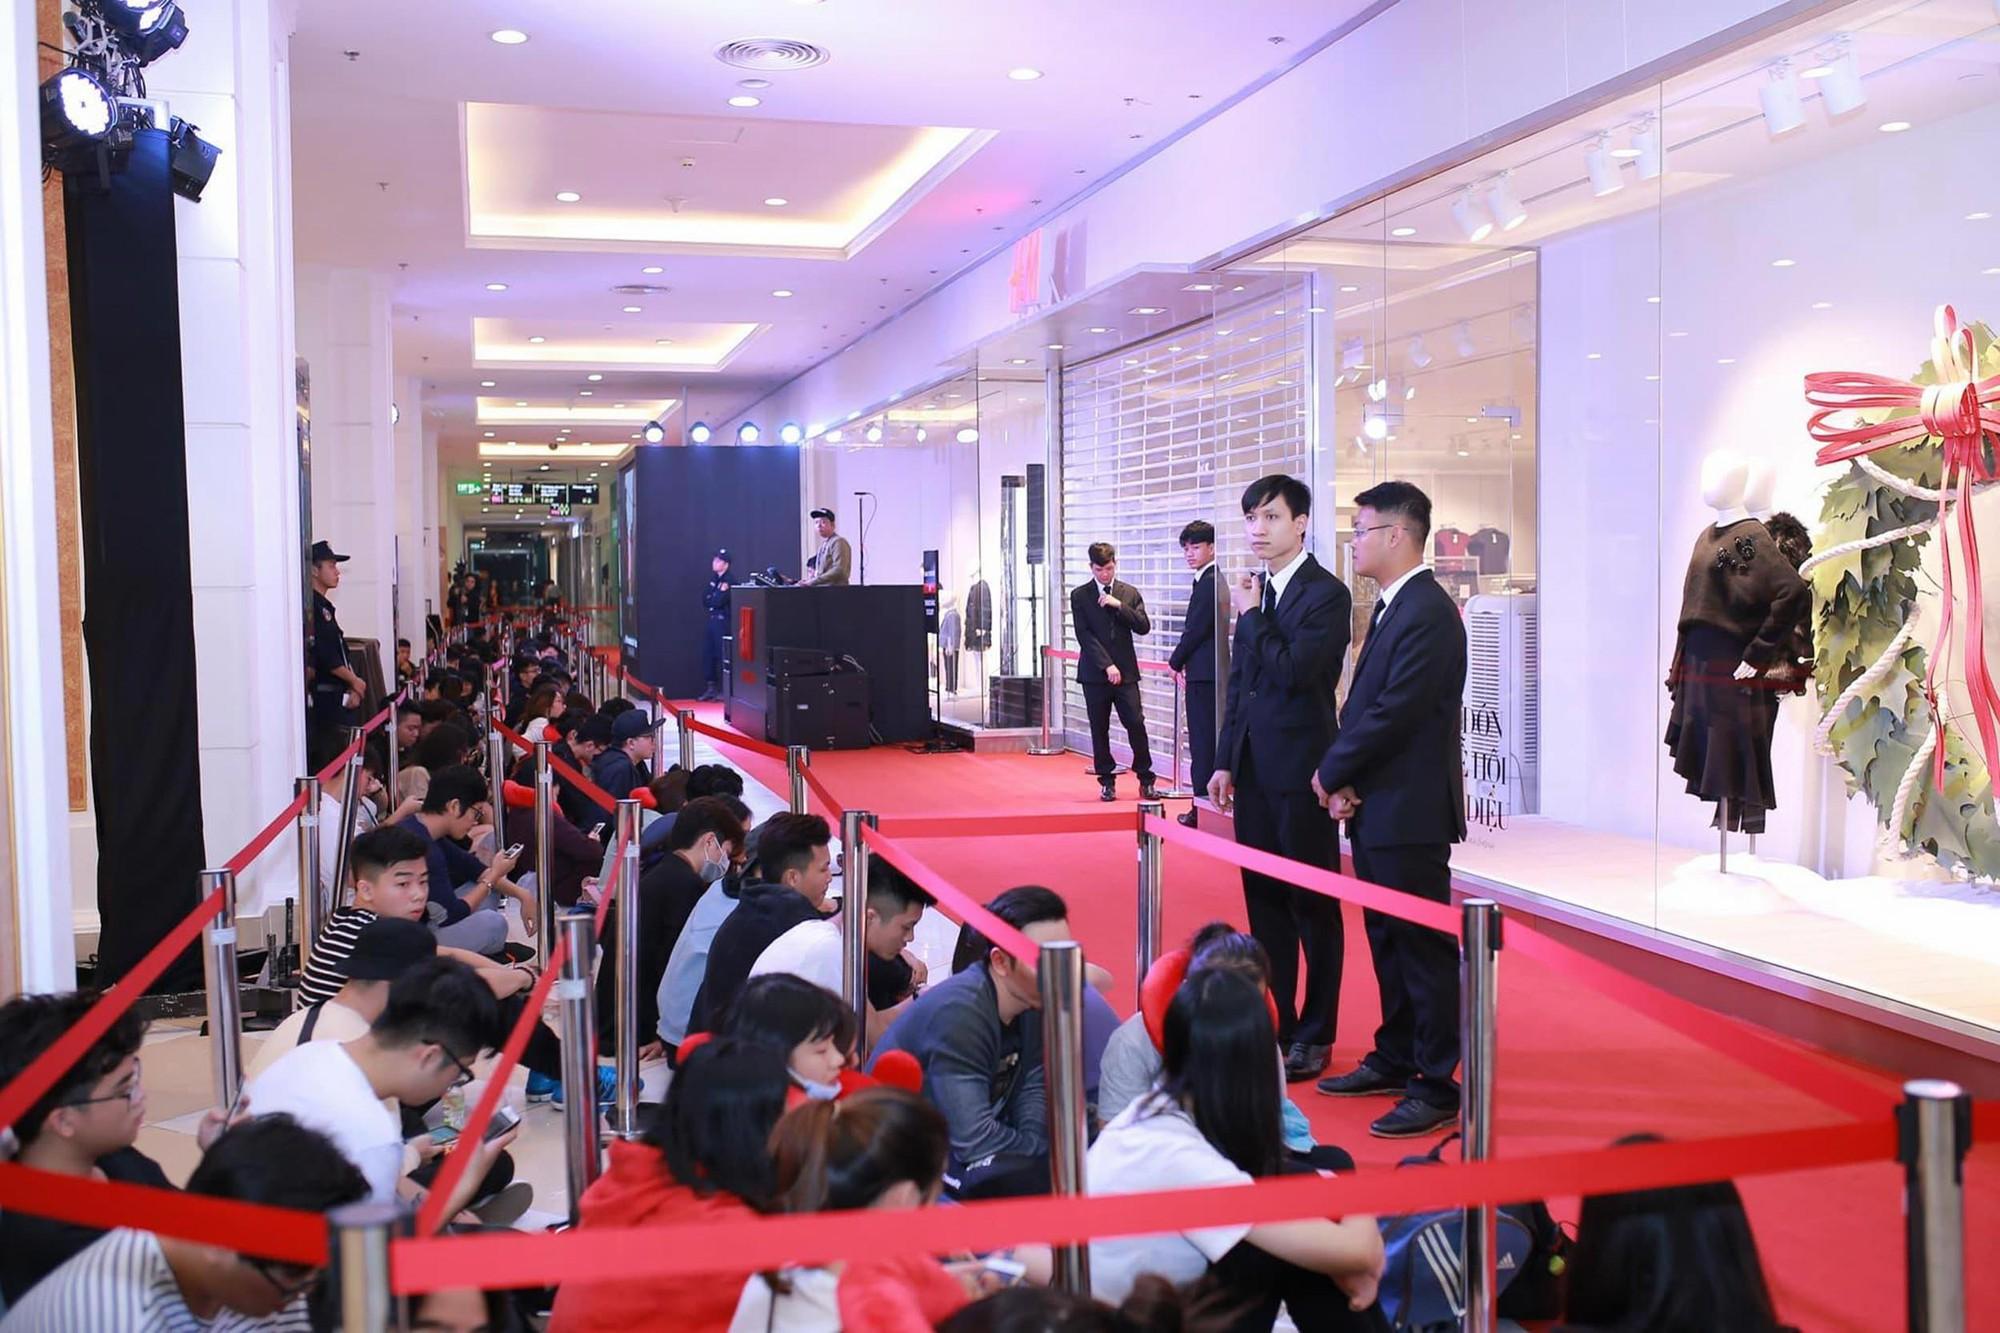 Khai trương H&M Hà Nội: Có hơn 2.000 người đổ về, các bạn trẻ vẫn phải xếp hàng dài chờ được vào mua sắm - Ảnh 36.